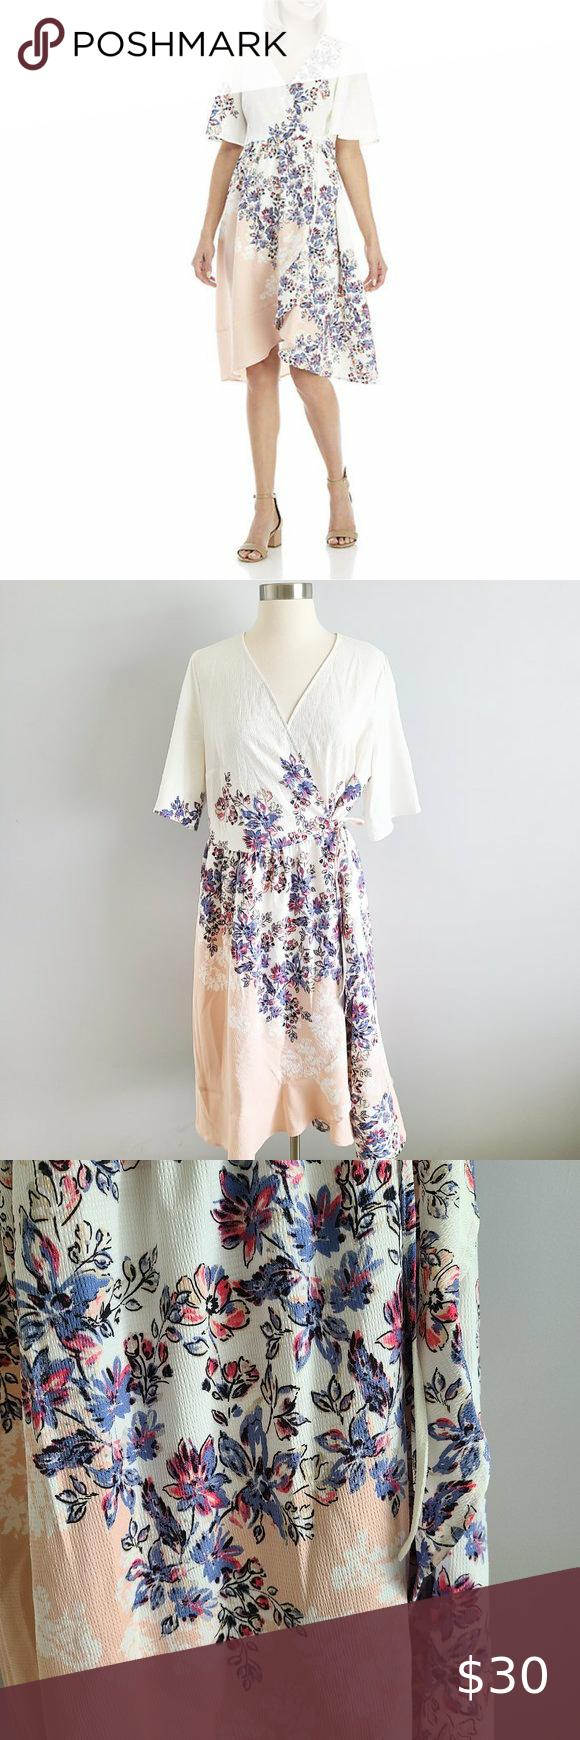 Kaari Blue Floral Wrap Dress Wrap Dress Floral Colorful Dresses Wrap Dress [ 1740 x 580 Pixel ]